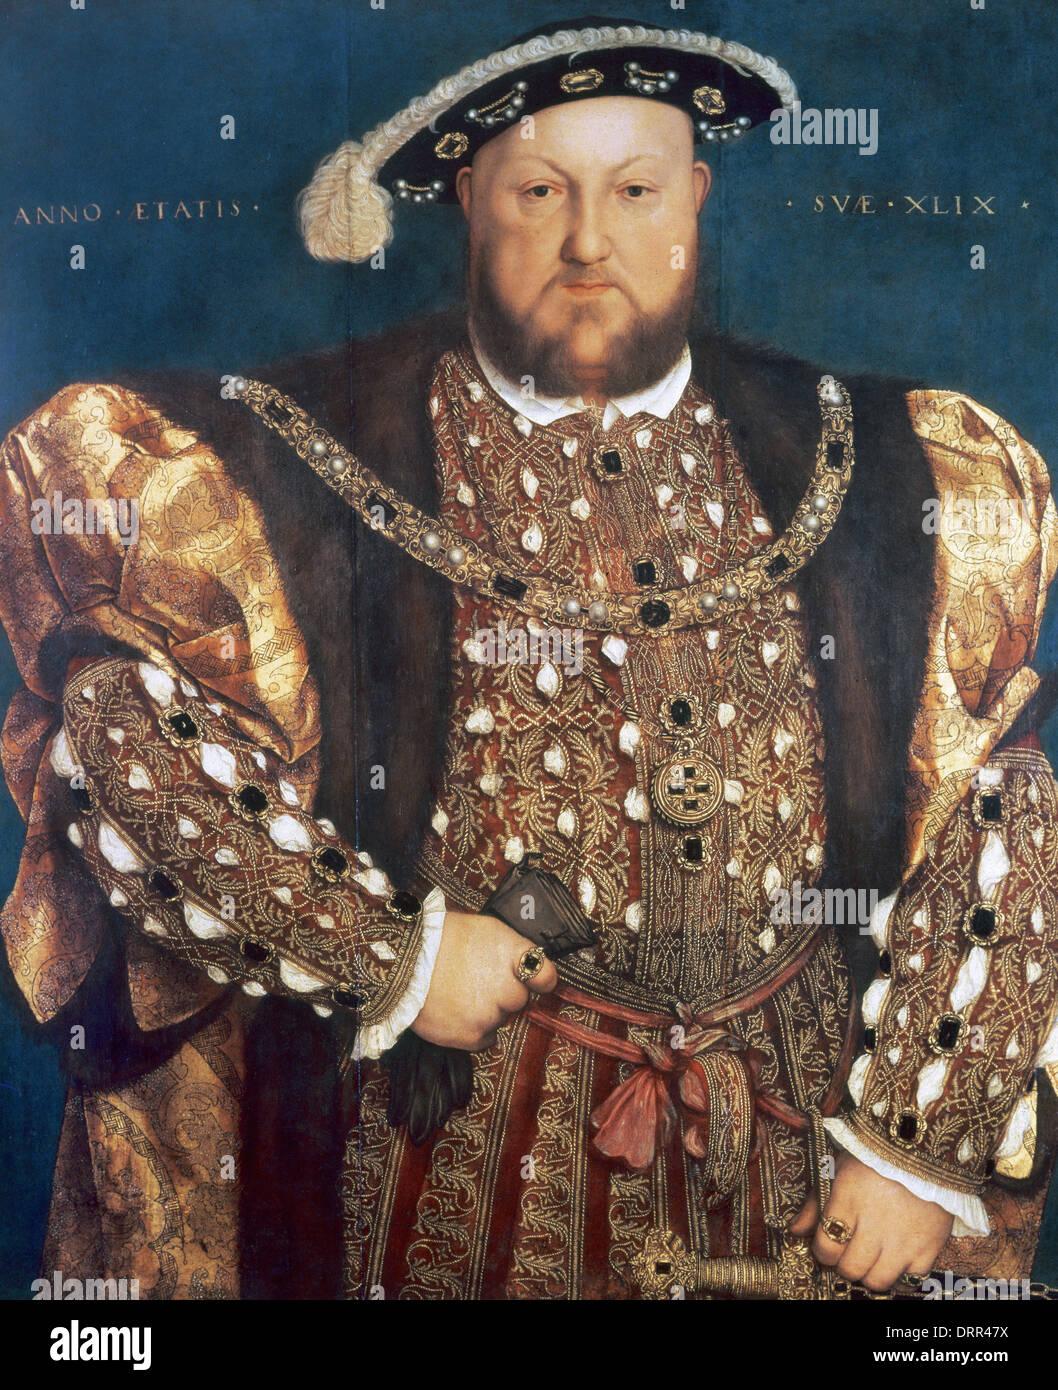 Heinrich VIII. (1491-1547). König von England von 1509-1547. Porträt von Hans Holbein dem jüngeren (1497-1543). Stockfoto